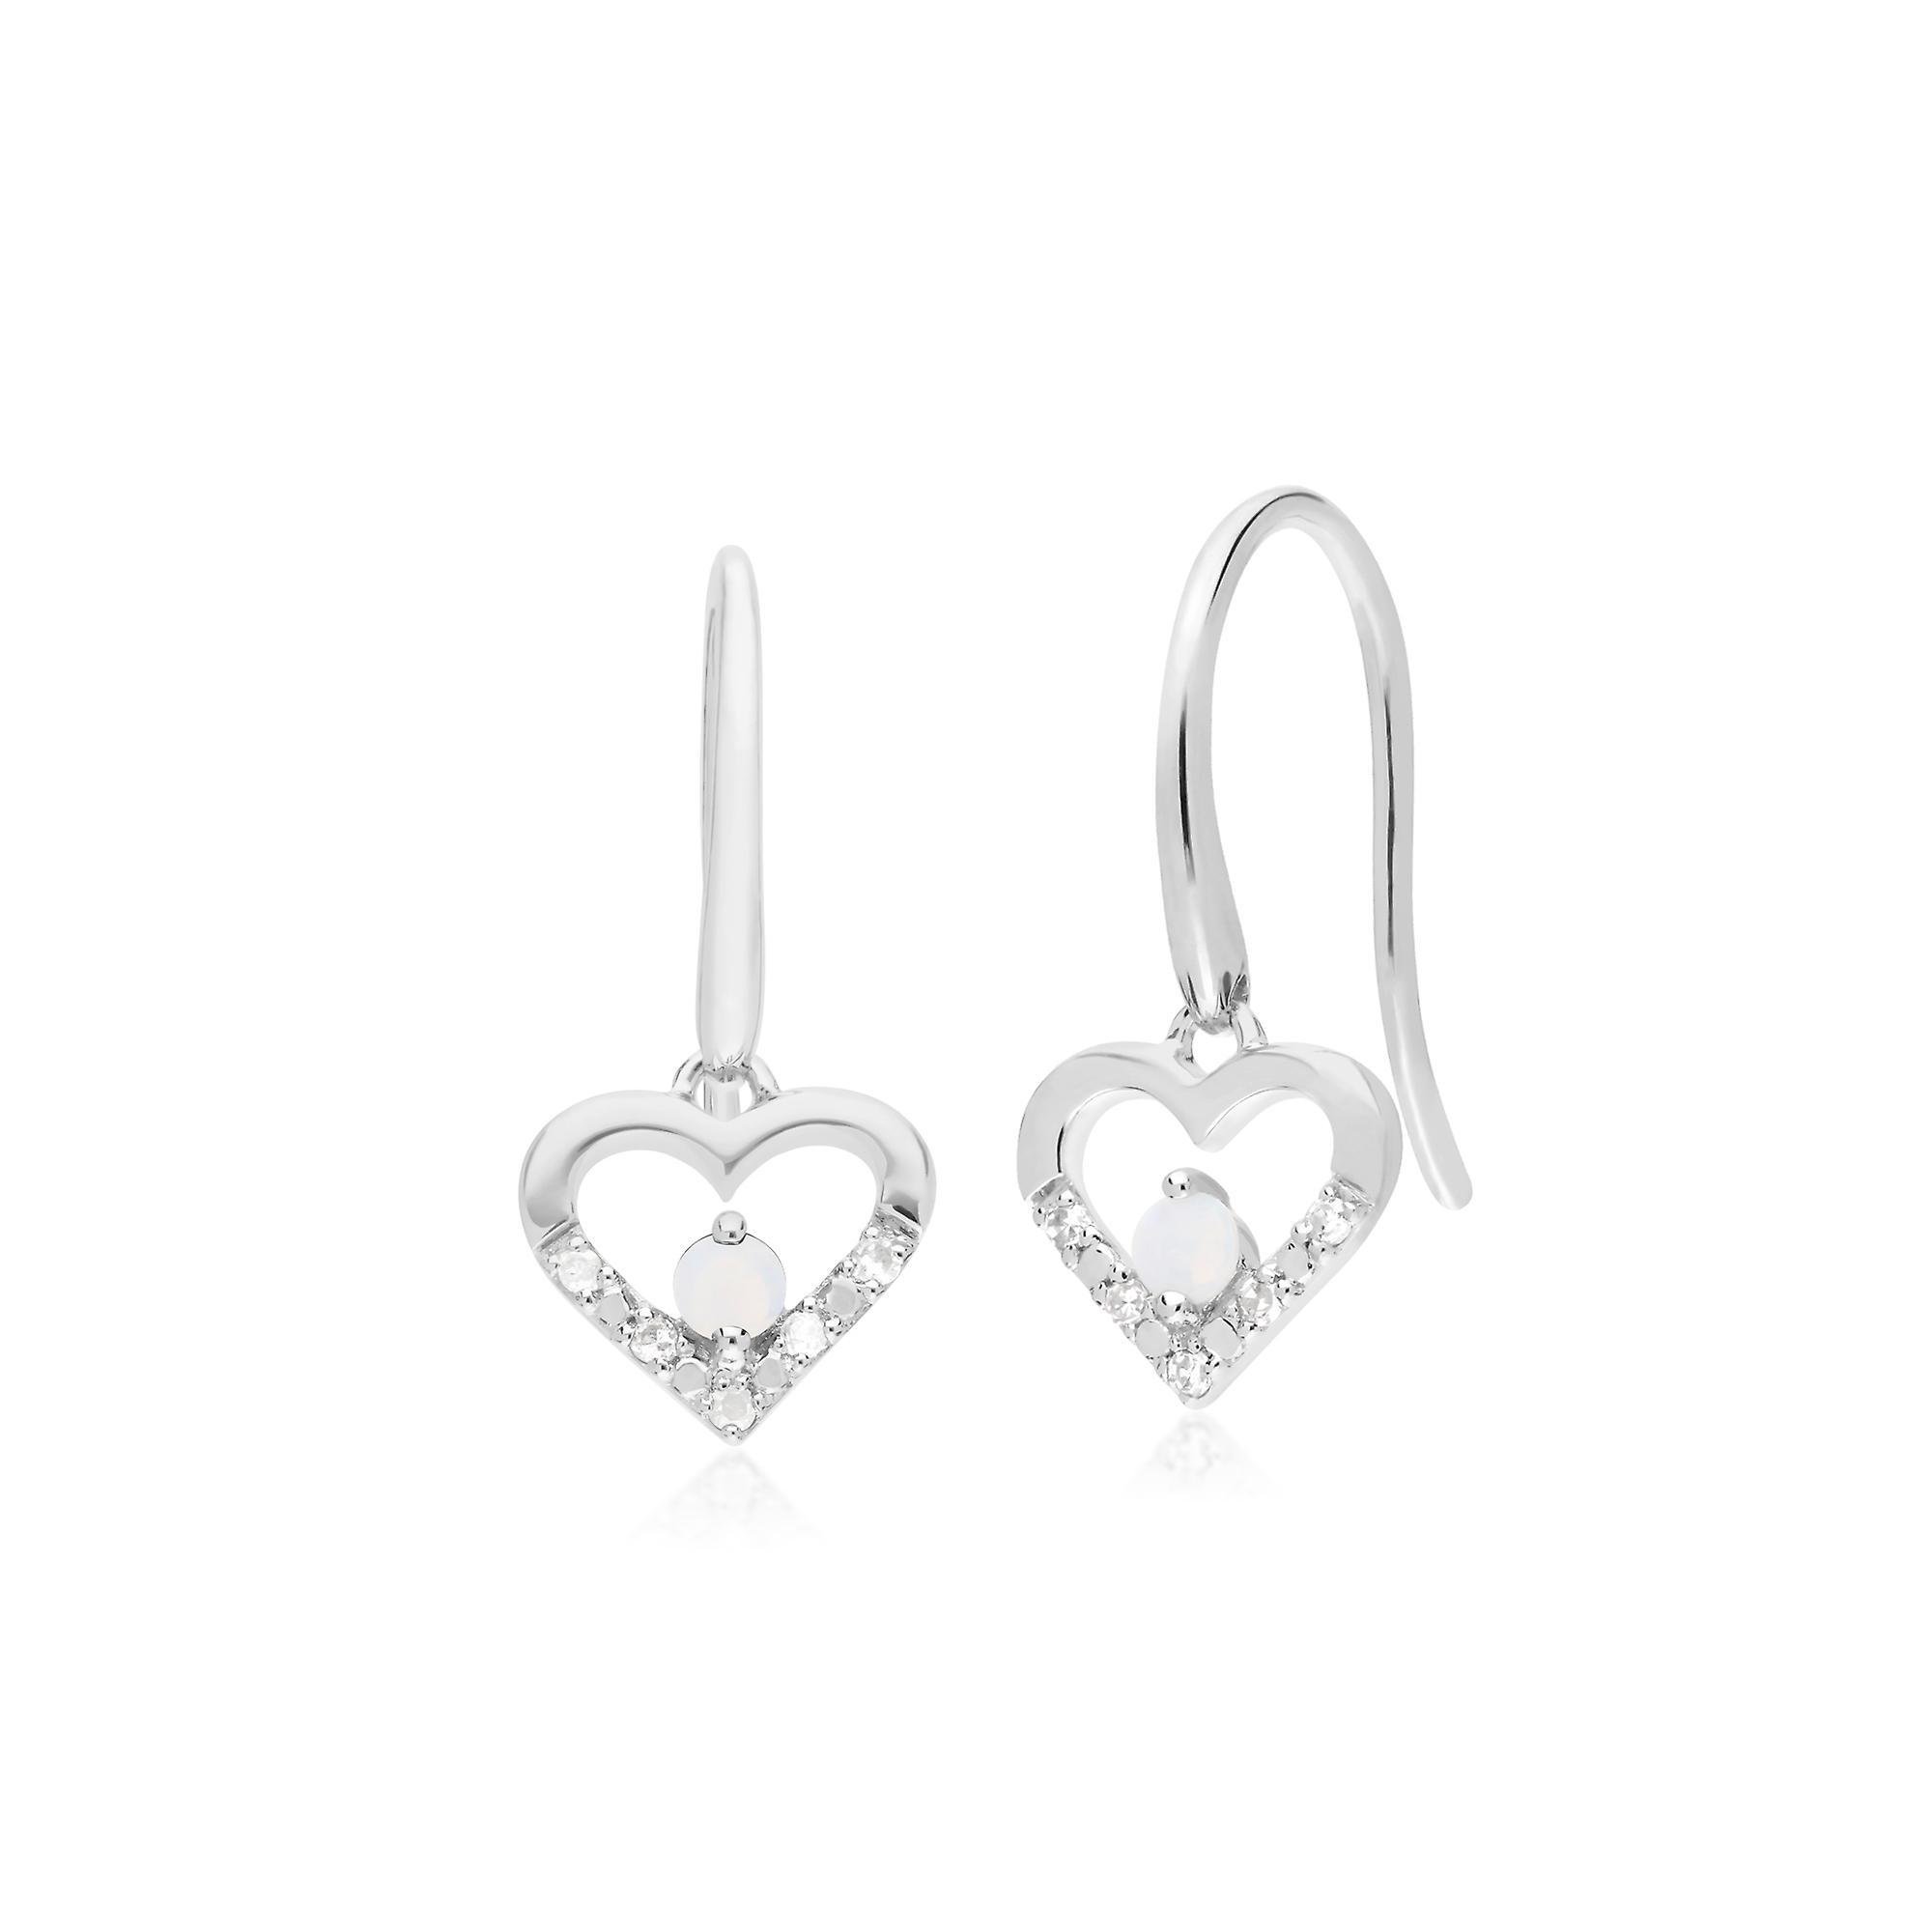 Gemondo 9ct White Gold Single Opal & Diamond Heart Drop Earrings